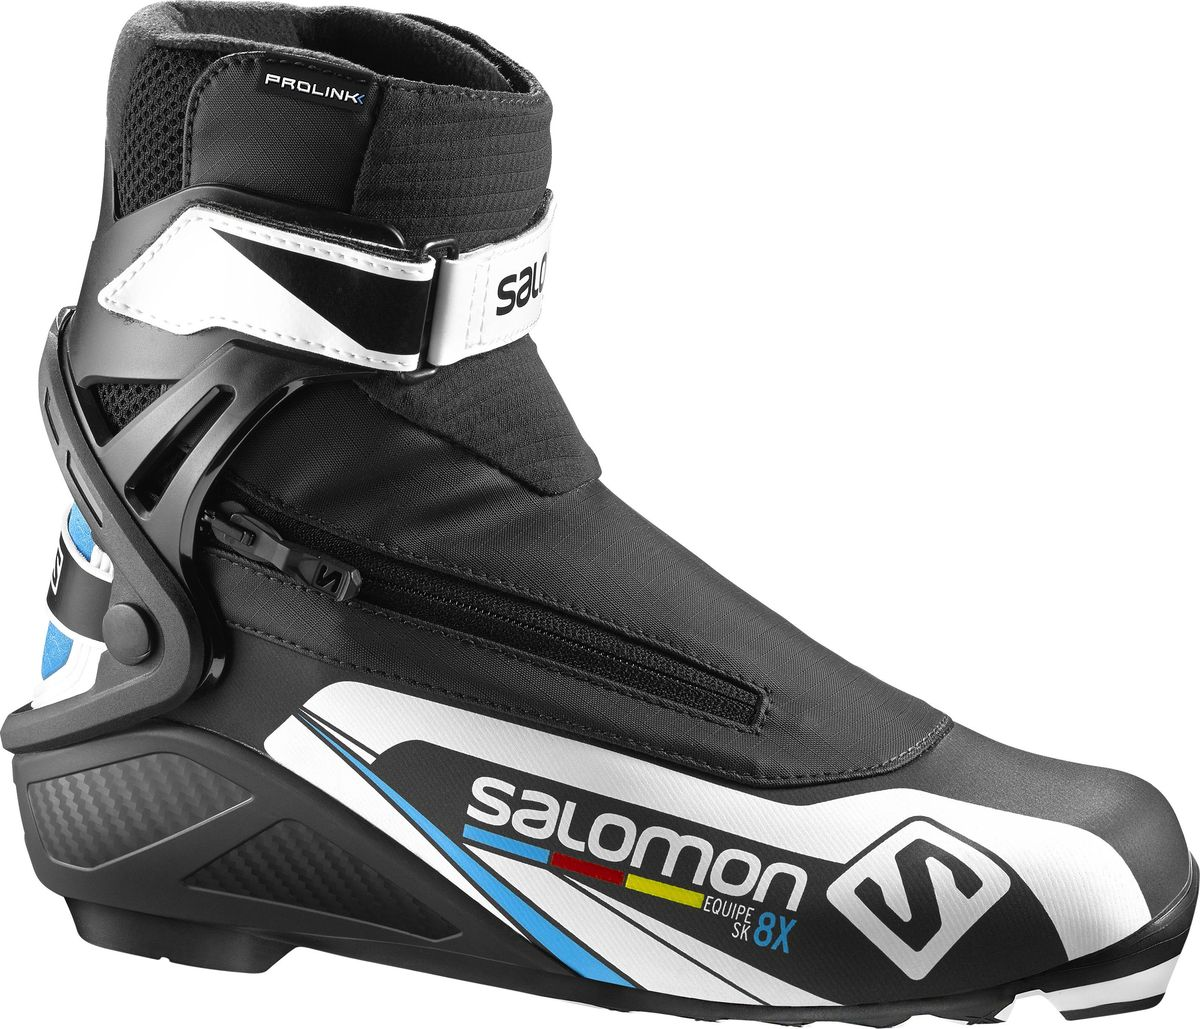 Ботинки для беговых лыж Salomon Equipe 8X Skate Prolink, цвет: черный. Размер 9,5 (42,5)L39417500В ботинках Salomon Equipe 8X Skate Prolink совмещены системы термоформовки Custom fit с инновационной раздельной системой быстрого шнурования для великолепного комфорта. Манжета Energyzer cuff обеспечит мощную и прогрессивную боковую поддержку. Ботинки созданы для любителей лыжного спорта, ценящих рабочие характеристики и желающих приобрести ботинки по доступной цене.